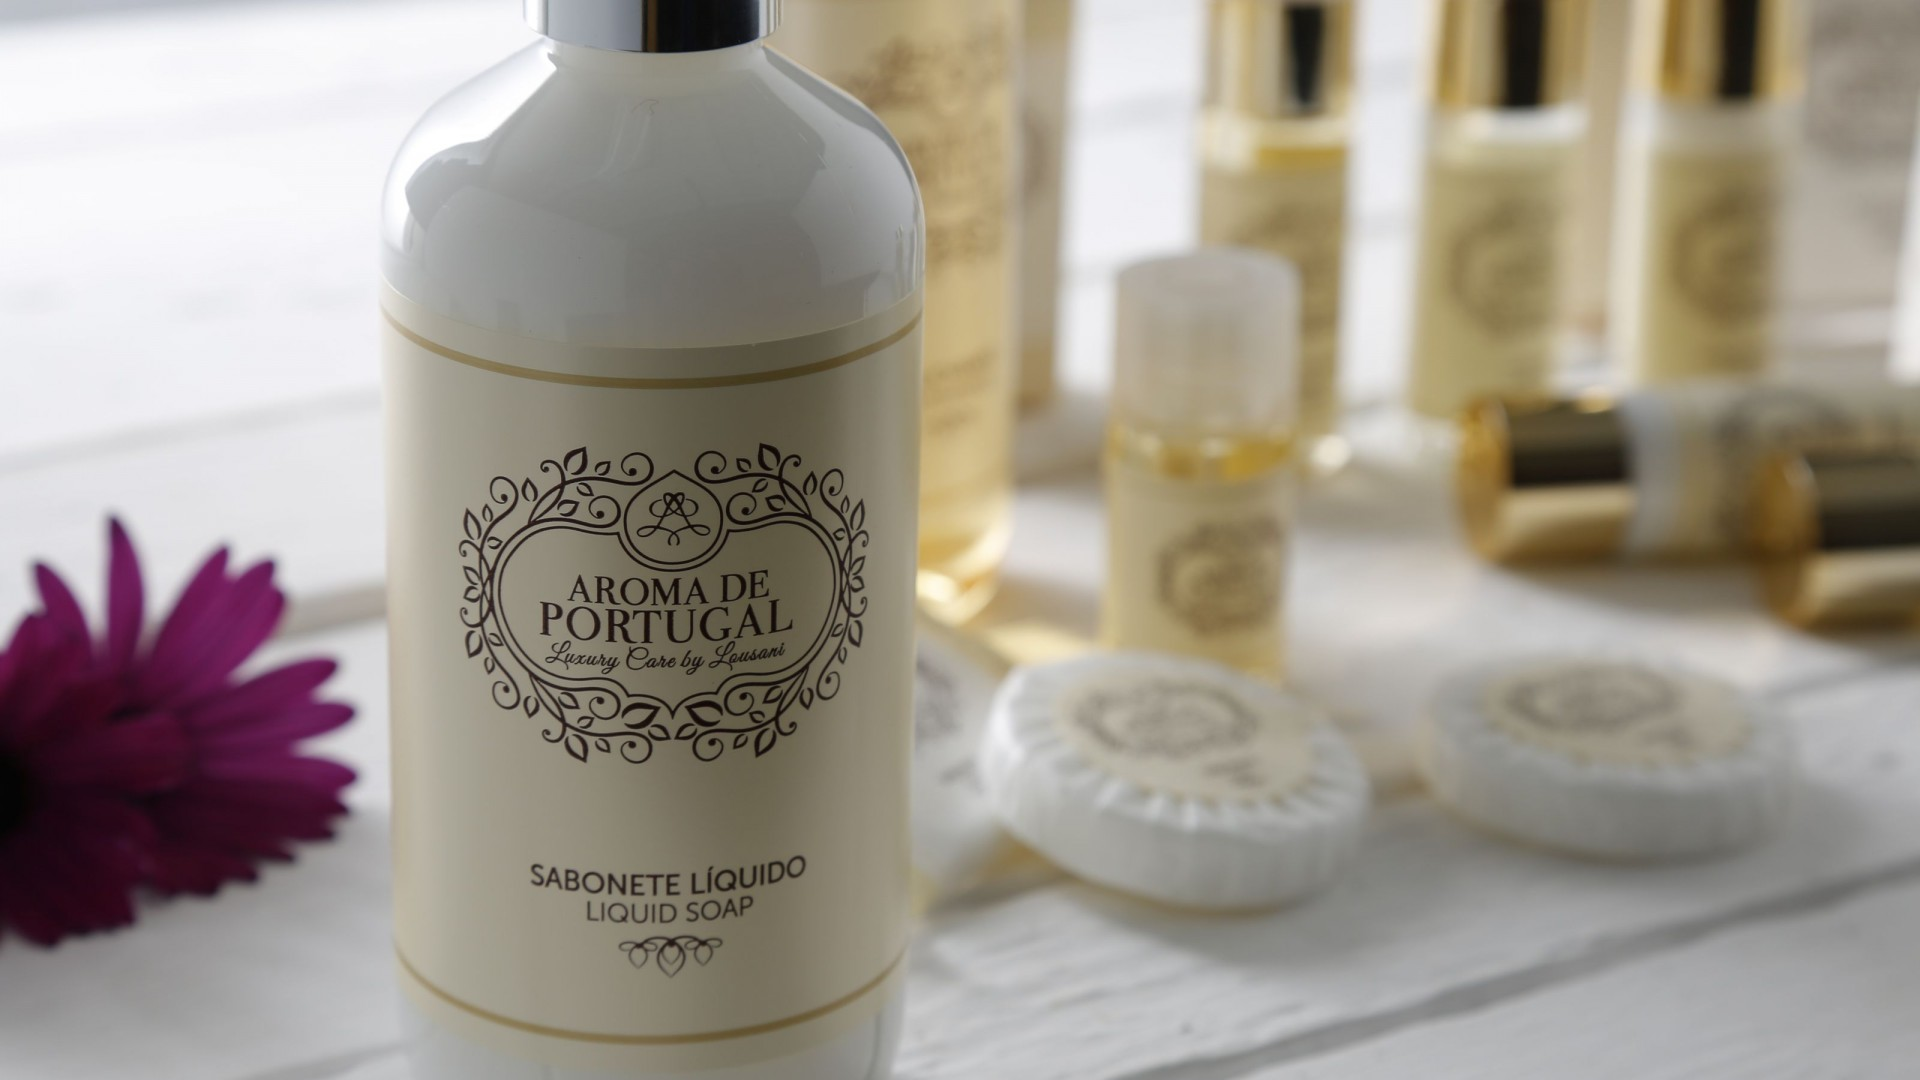 Doseador 300ml sabonete líquido - Aroma de Portugal